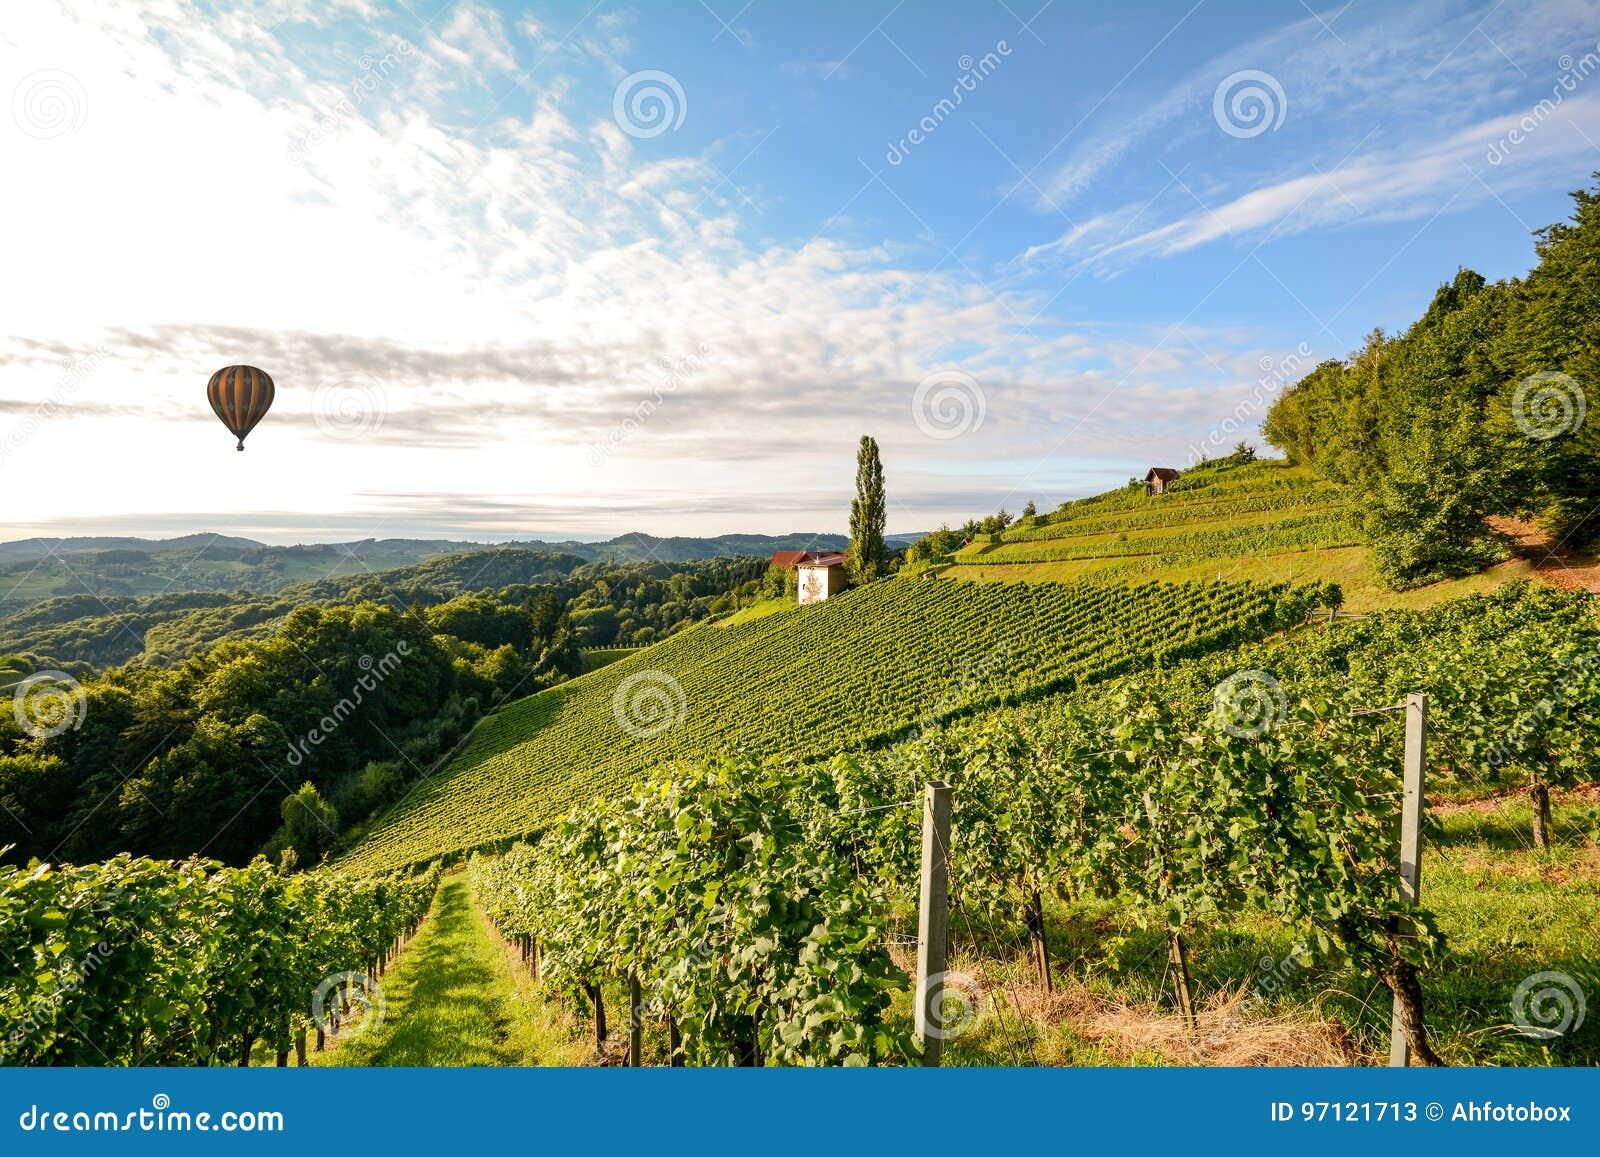 Winnicy z gorącym powietrzem szybko się zwiększać blisko wytwórnii win przed żniwem w Tuscany wina narastającym terenie, Włochy